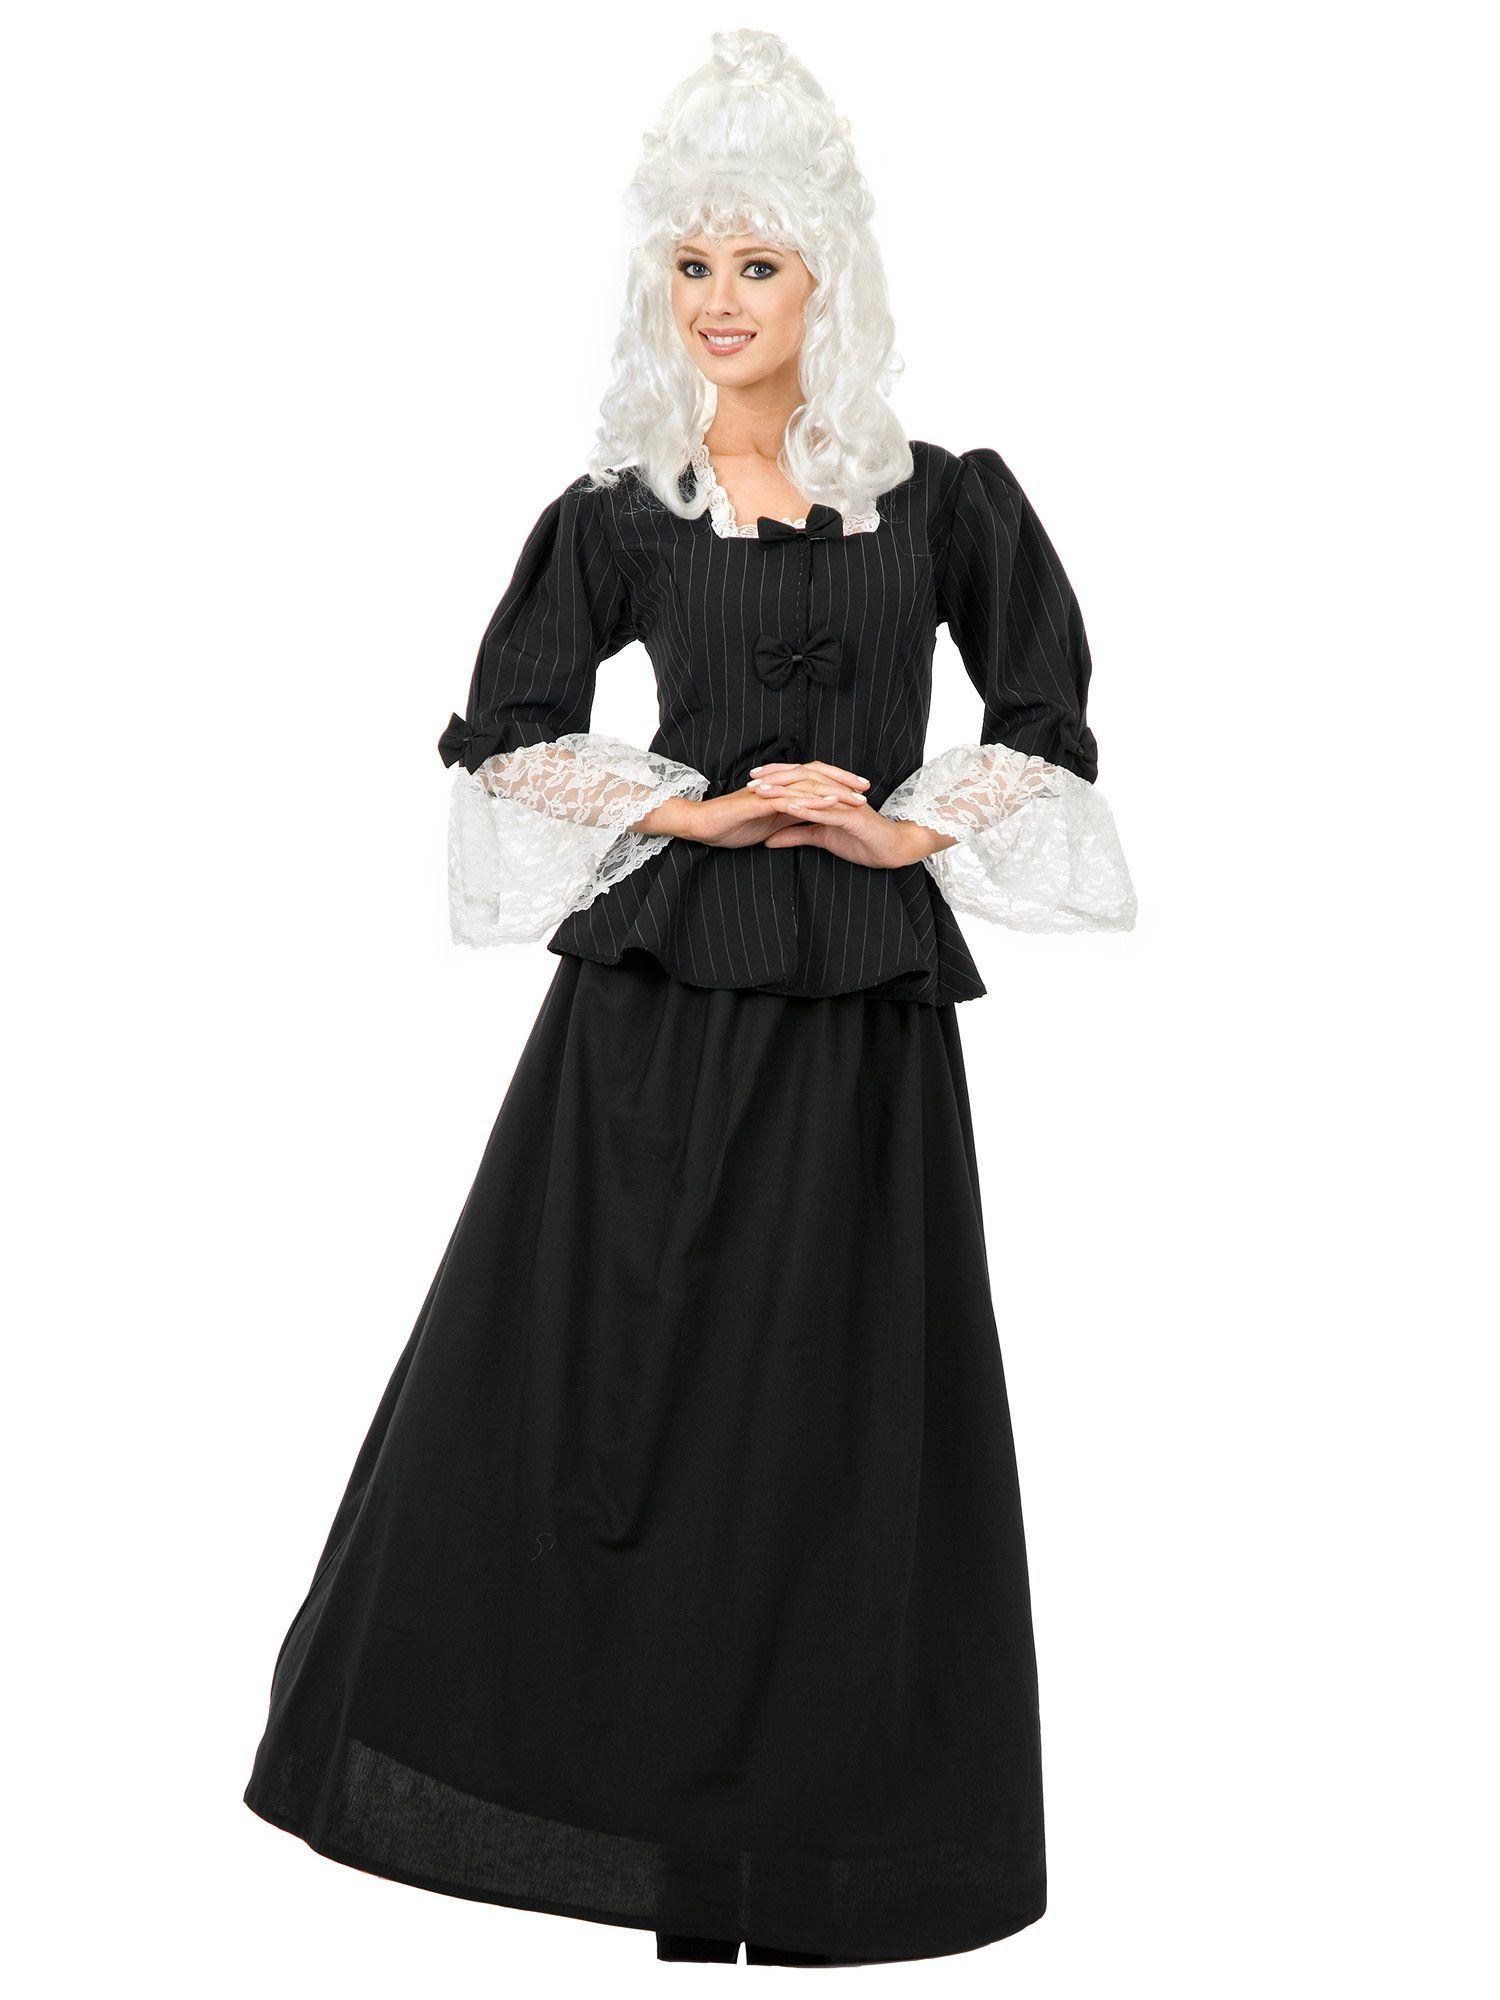 Patriotic Costumes Costumes for women, Halloween women